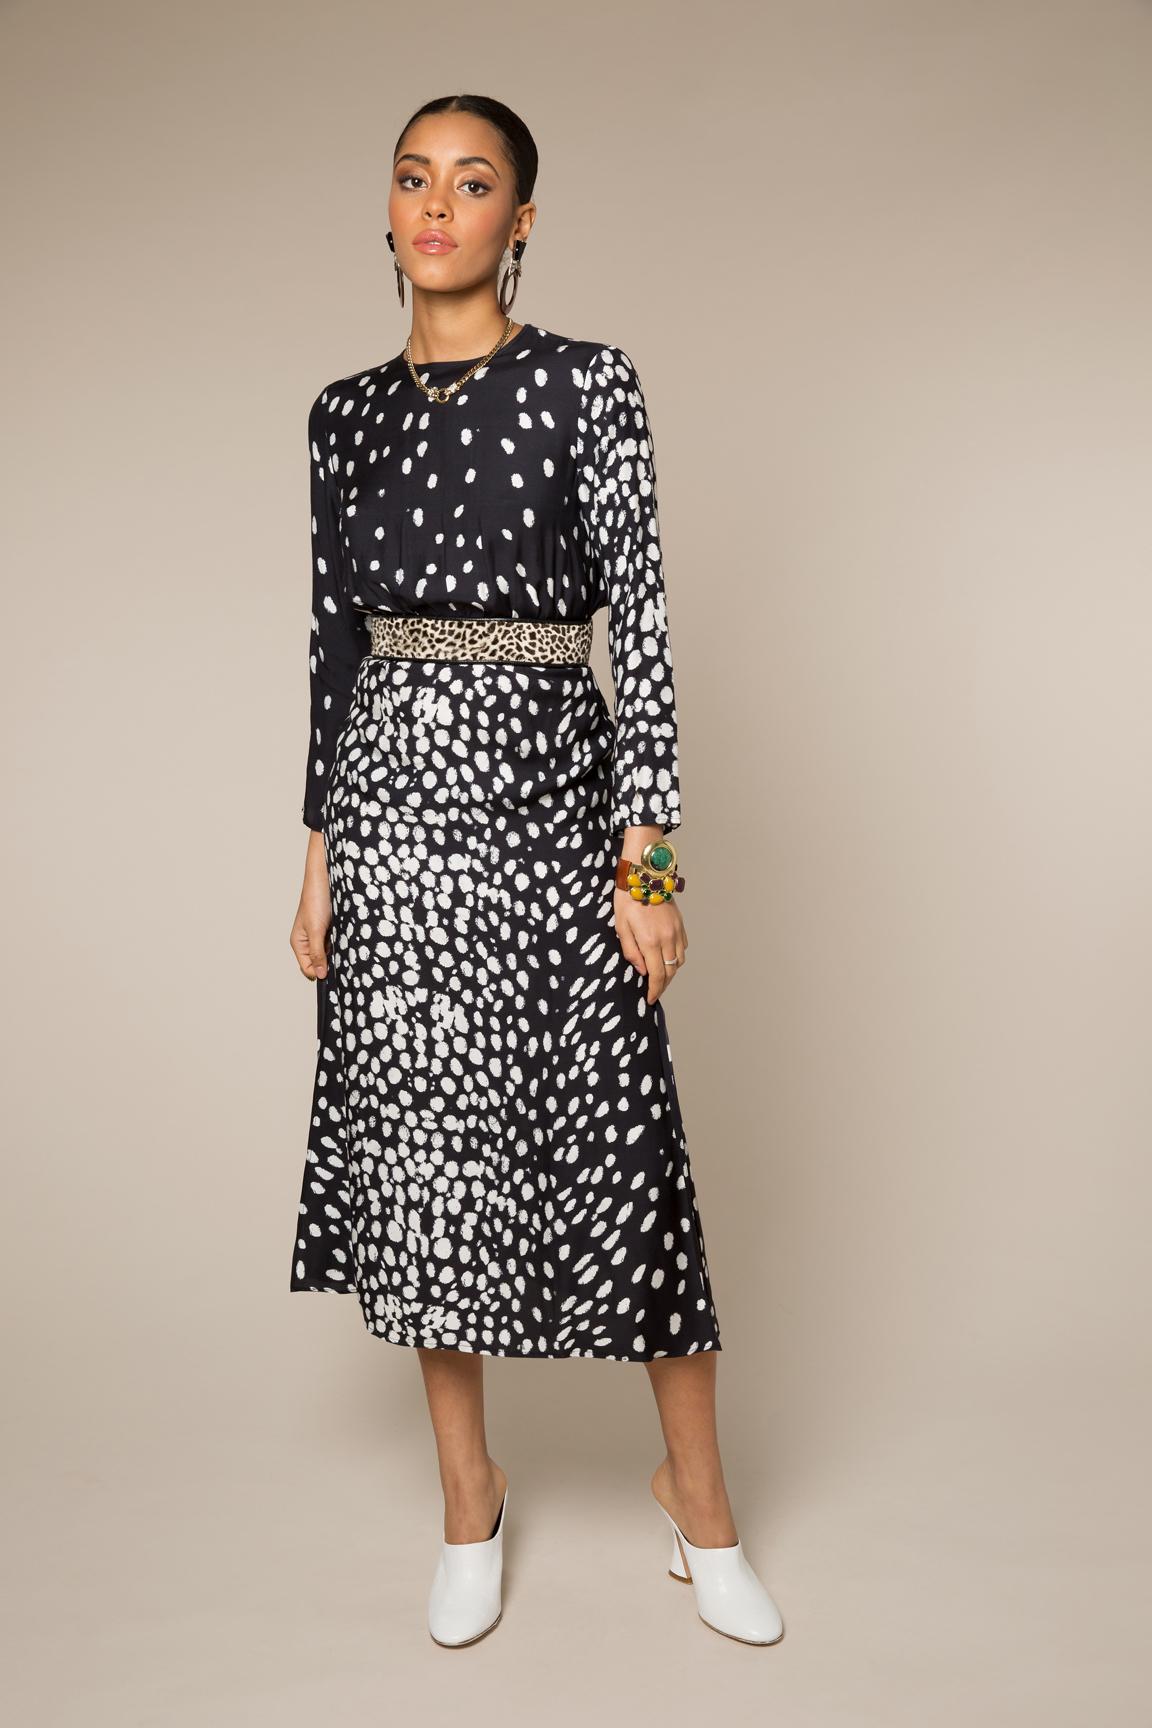 Rixo Dress Leopard Leopard Dress Enes Leopard Enes Rixo Enes Rixo Dress Rixo Leopard H5PwRx